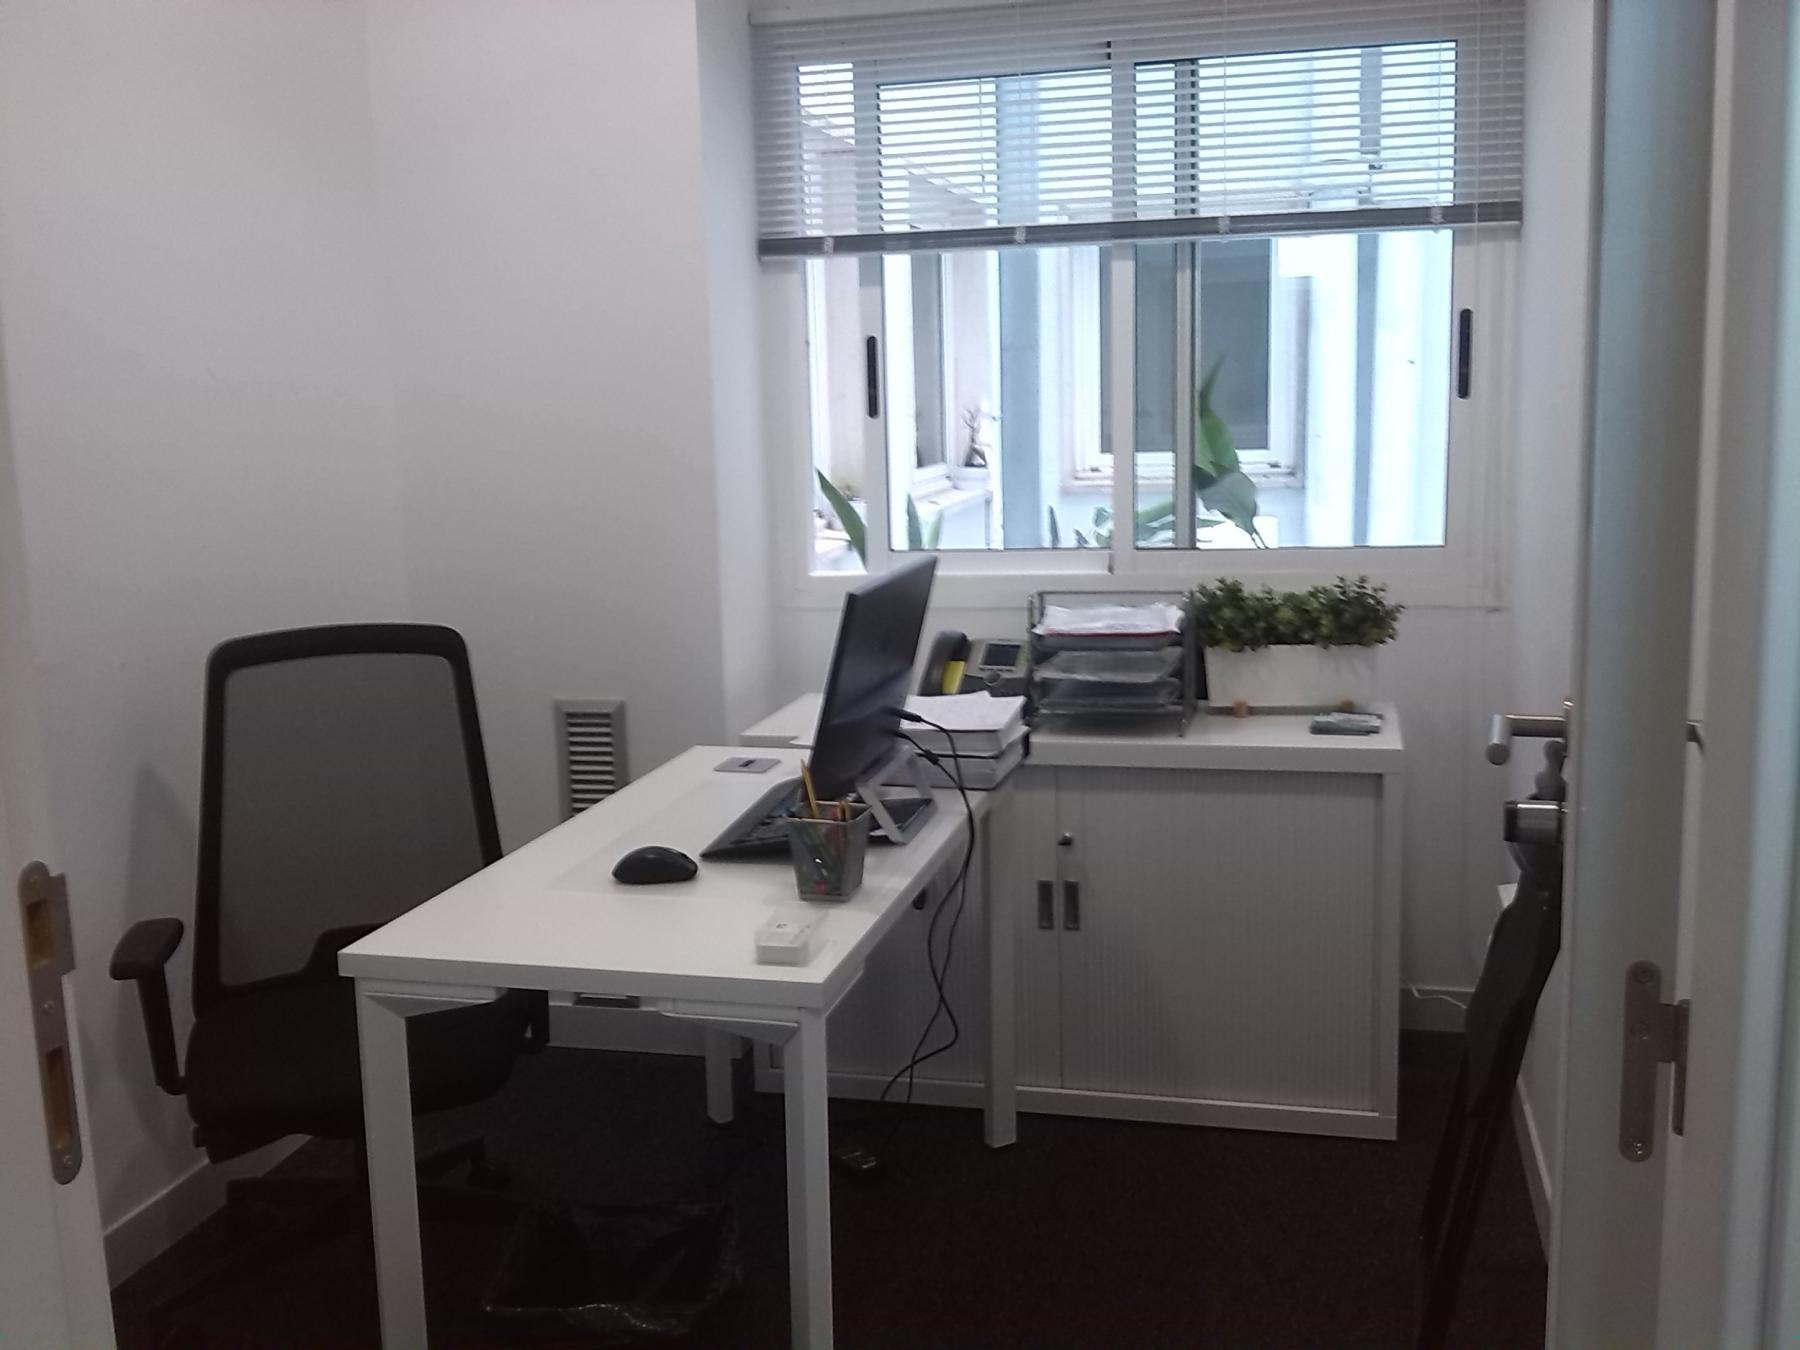 Alquilar oficinas Avenida Cortes Valencianas 58, València (1)